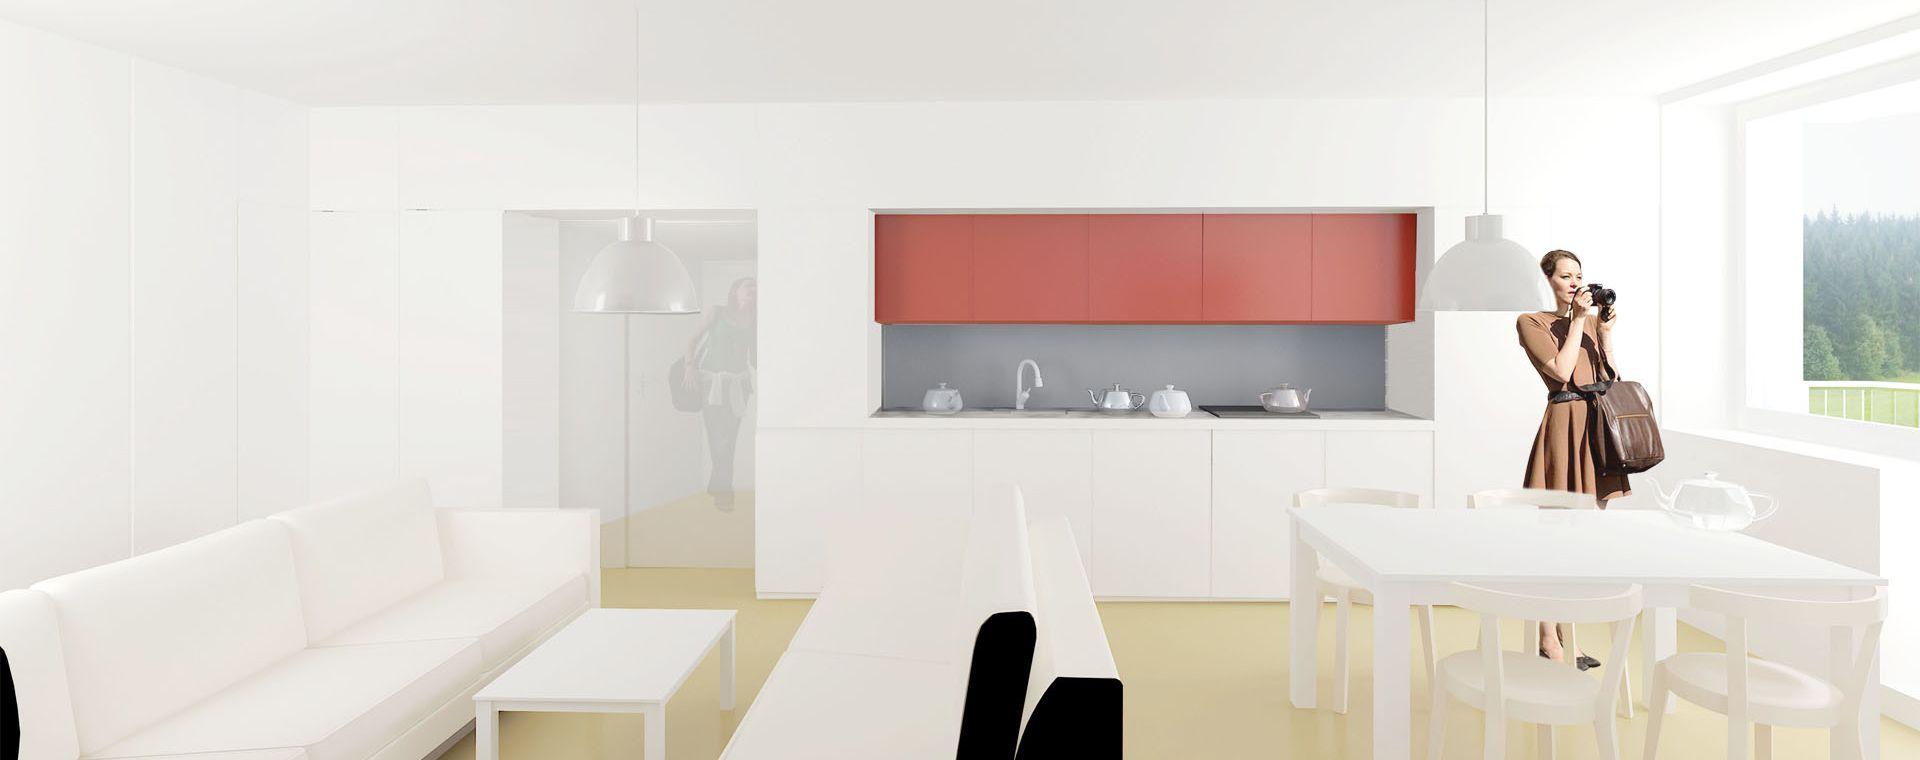 Rekonstrukce bytu 3+1, Štursova, Žďár nad Sázavou, 2014, CZ